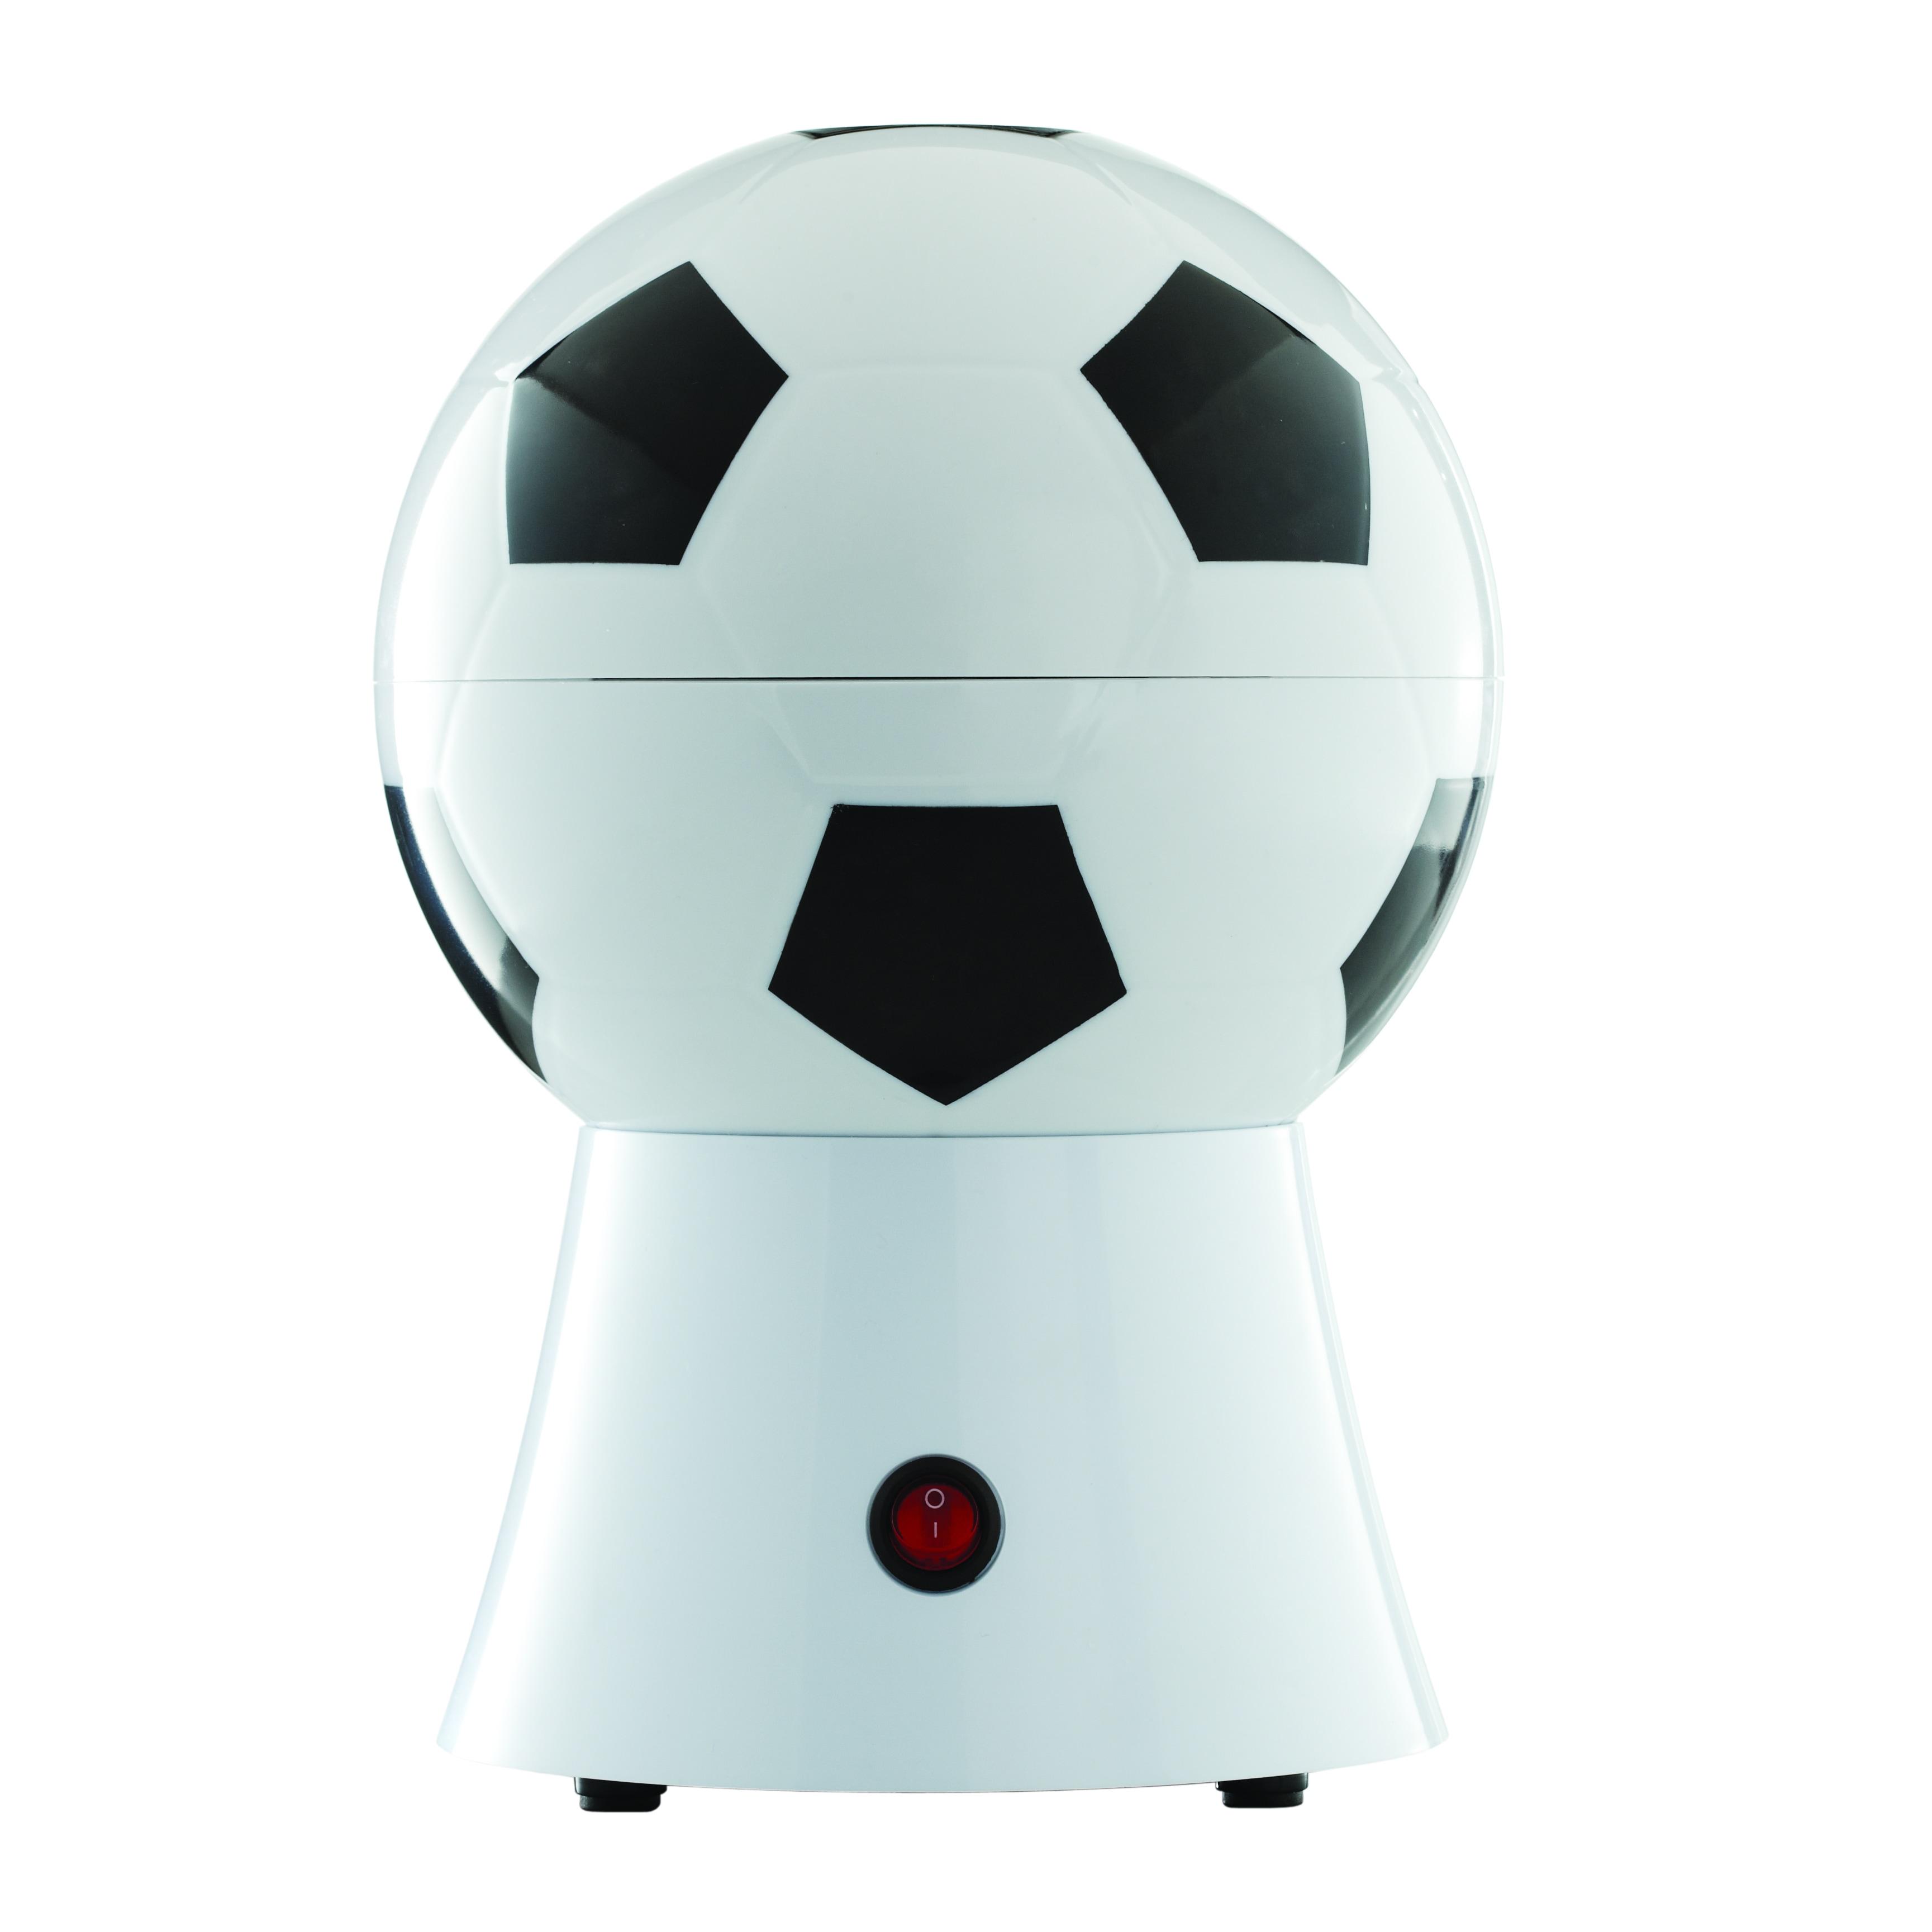 Brentwood PC-482 Soccer Ball Popcorn Maker, White (Plastic)